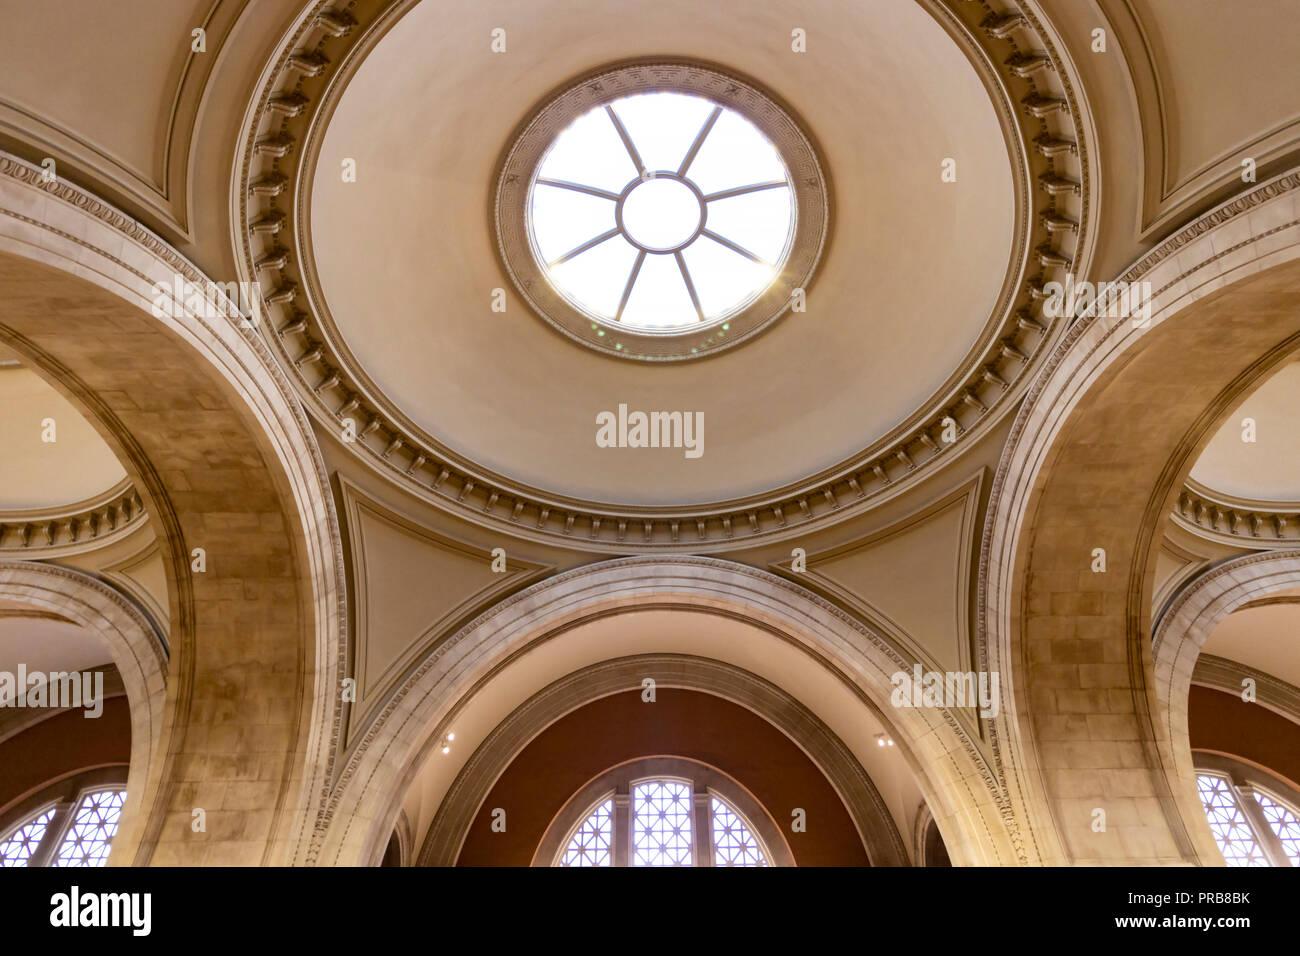 La Ciudad de Nueva York, EE.UU. - Octubre 8, 2017: Vista del interior del Museo Metropolitano de Arte de Nueva York. Foto de stock